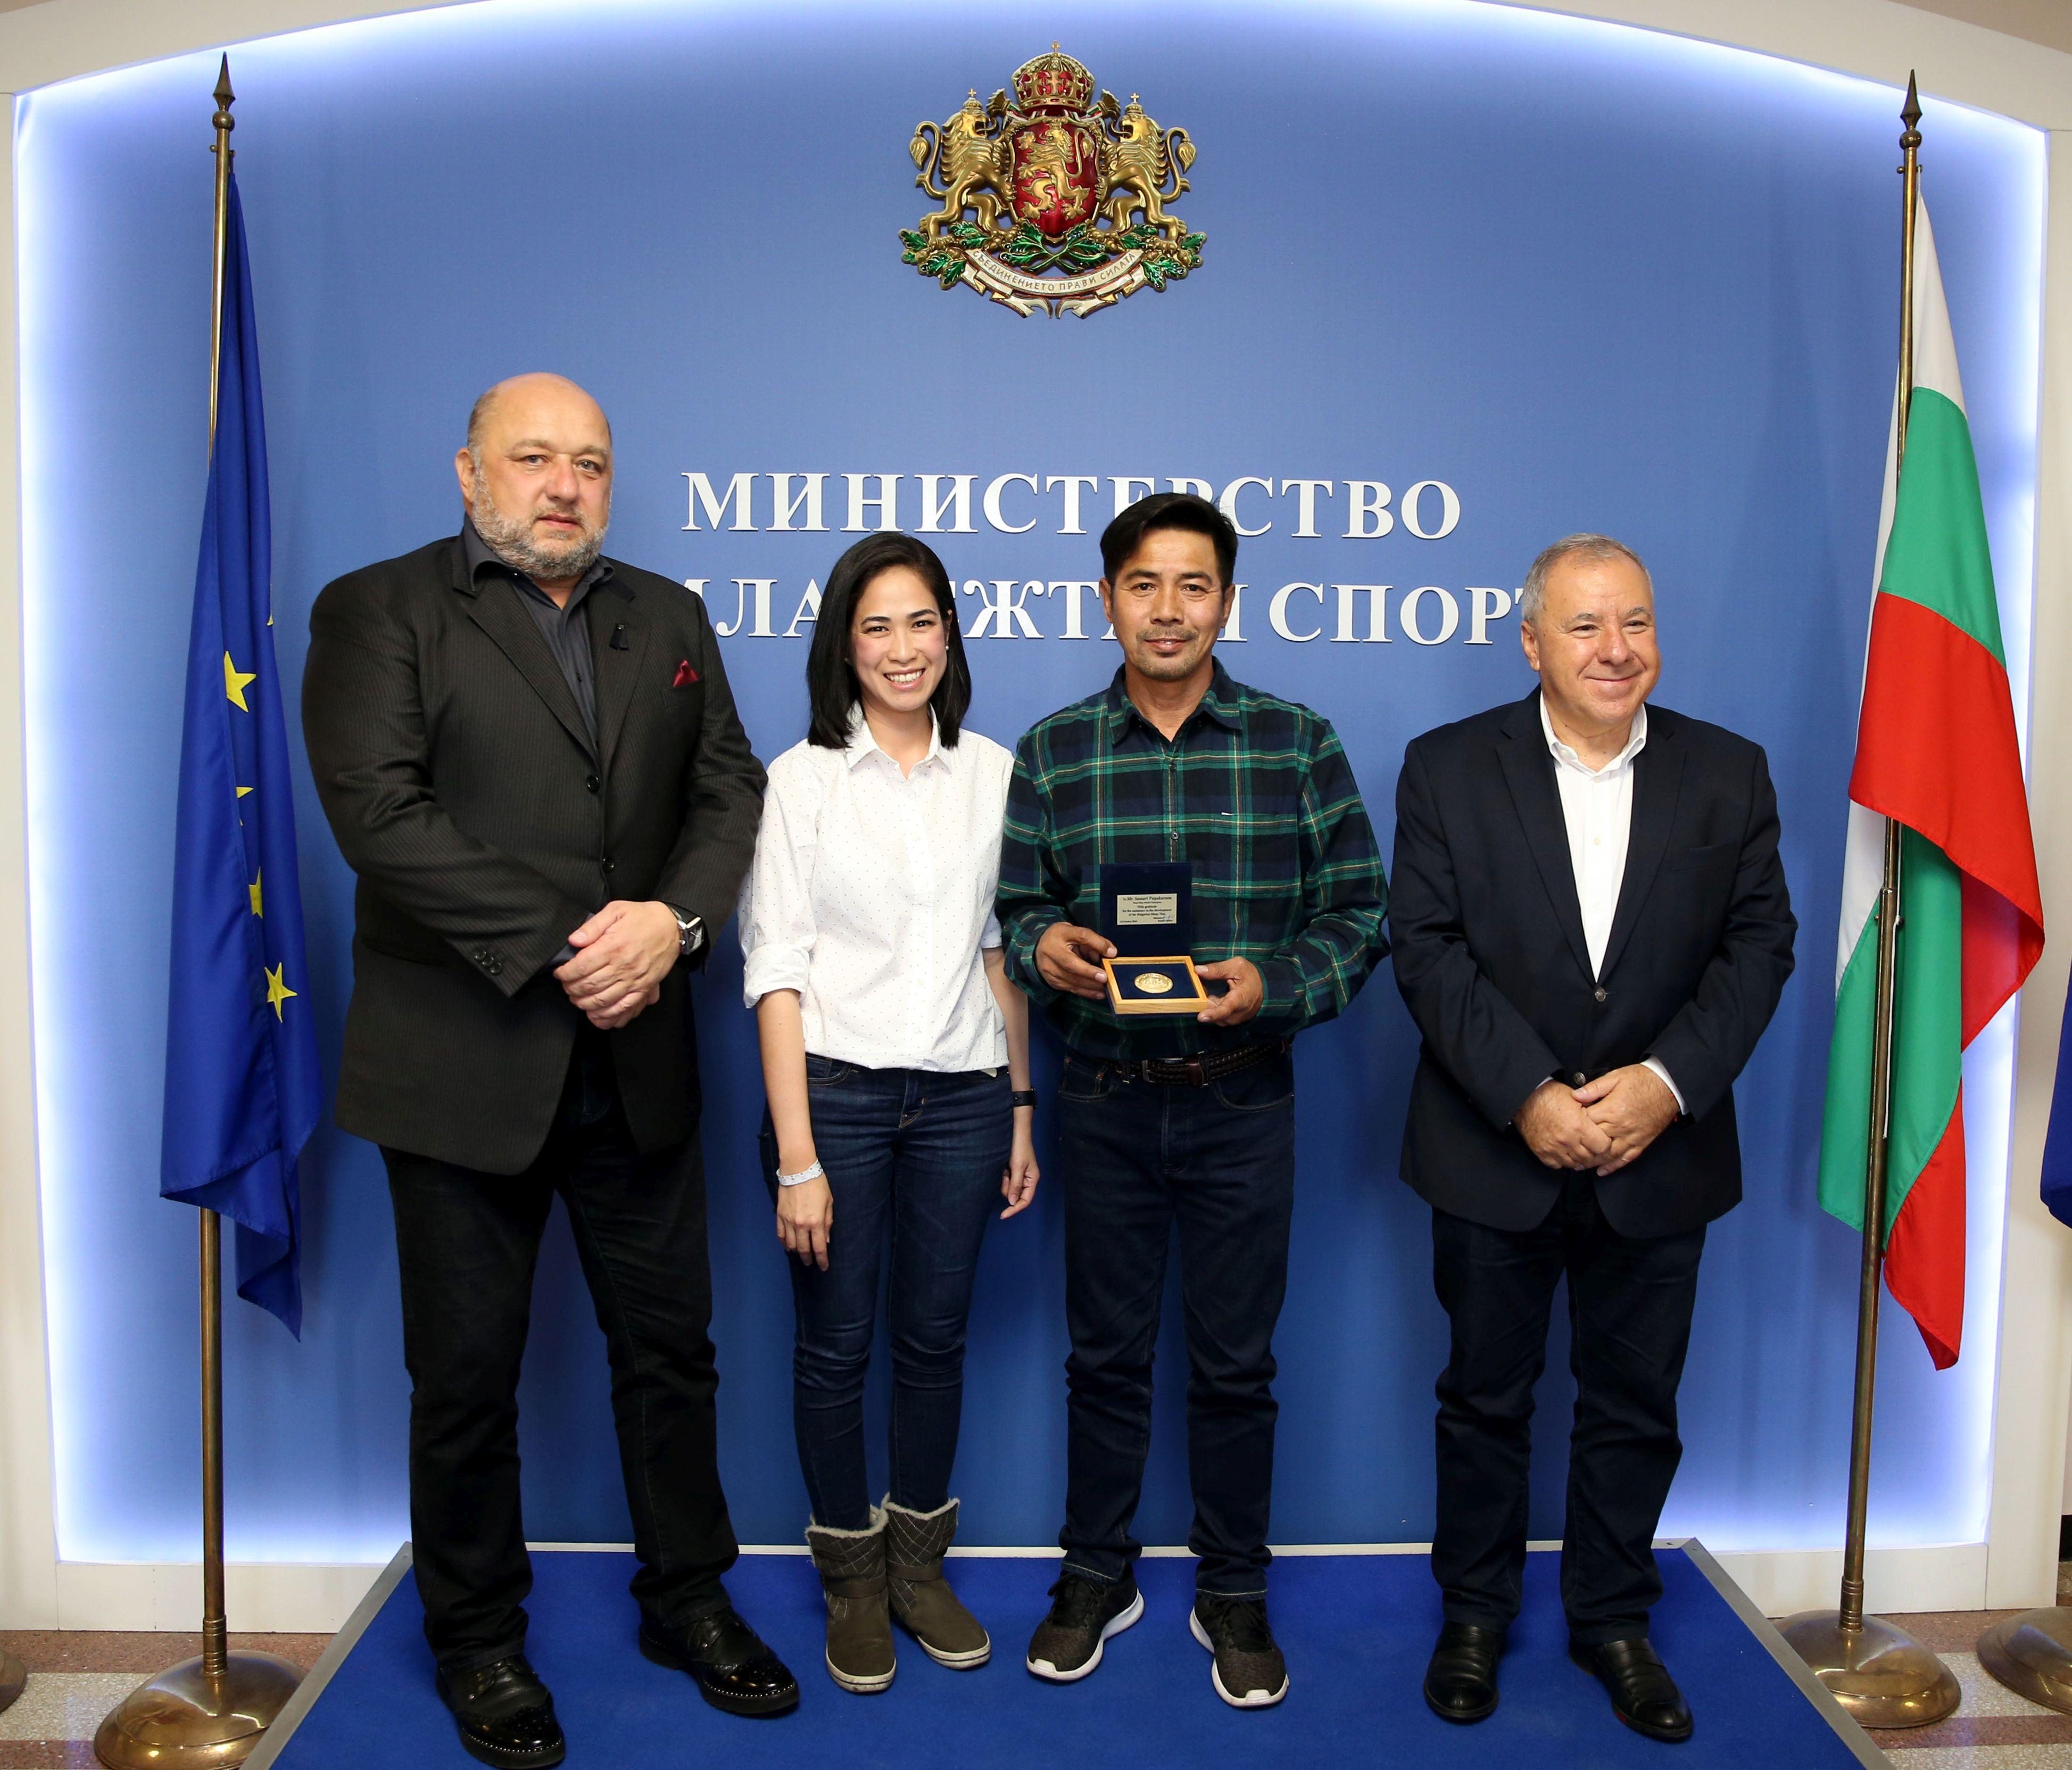 Министър Кралев награди легендата на световния муай тай Самарт Паякарун (ВИДЕО)